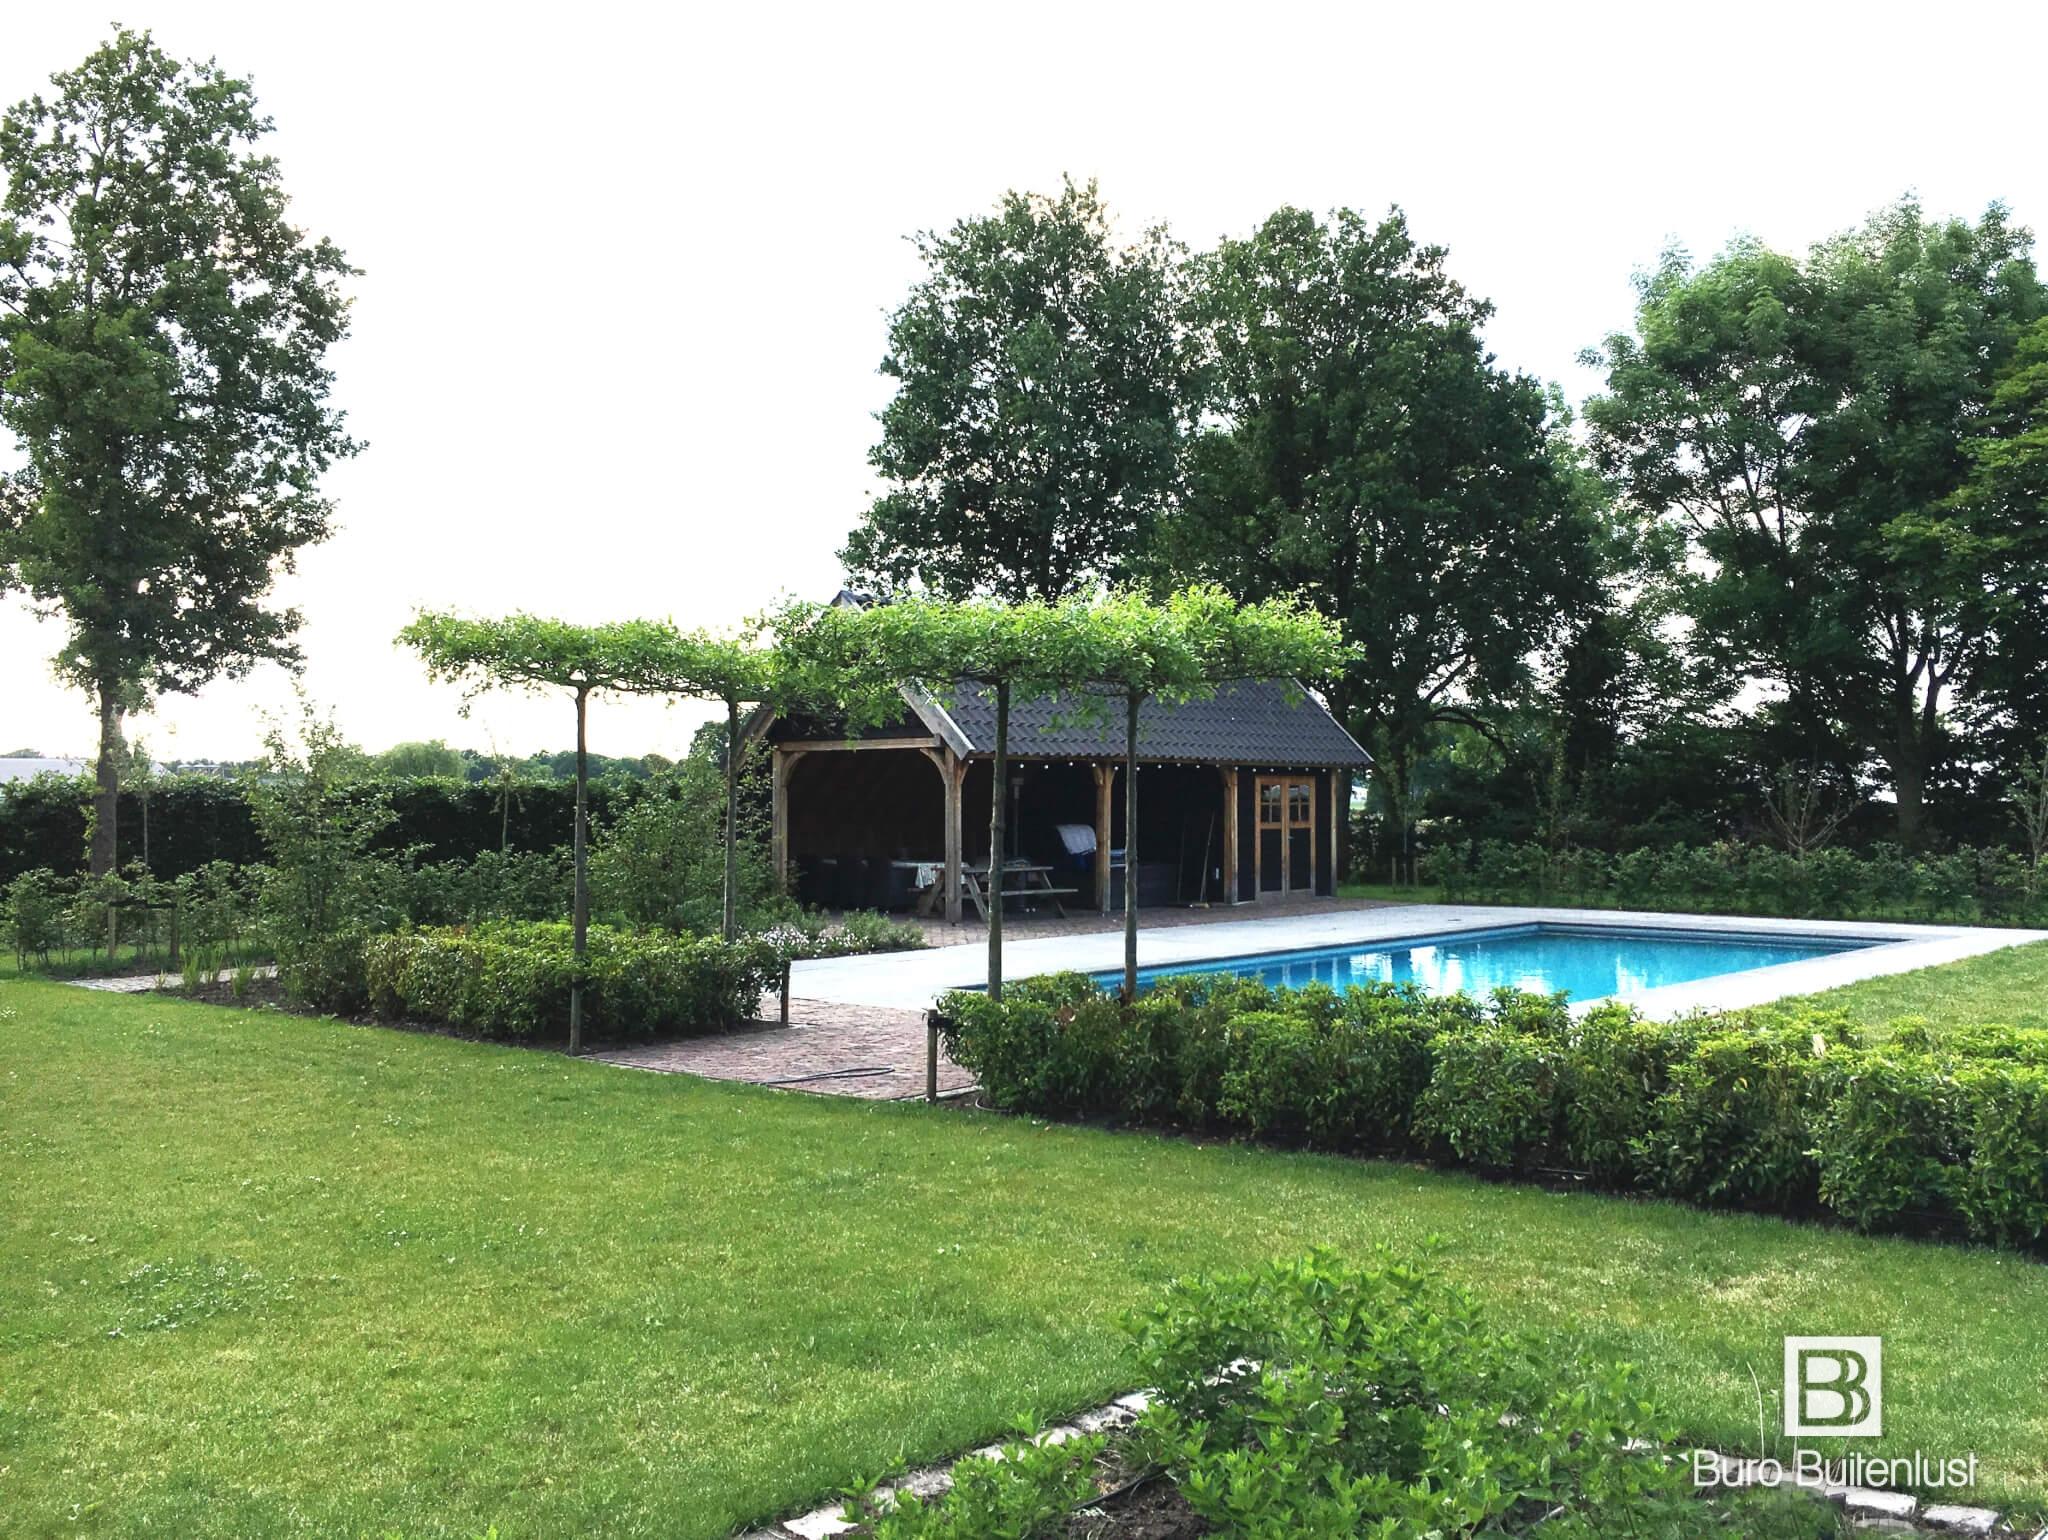 Luxe tuinen met zwembad en poolhouse